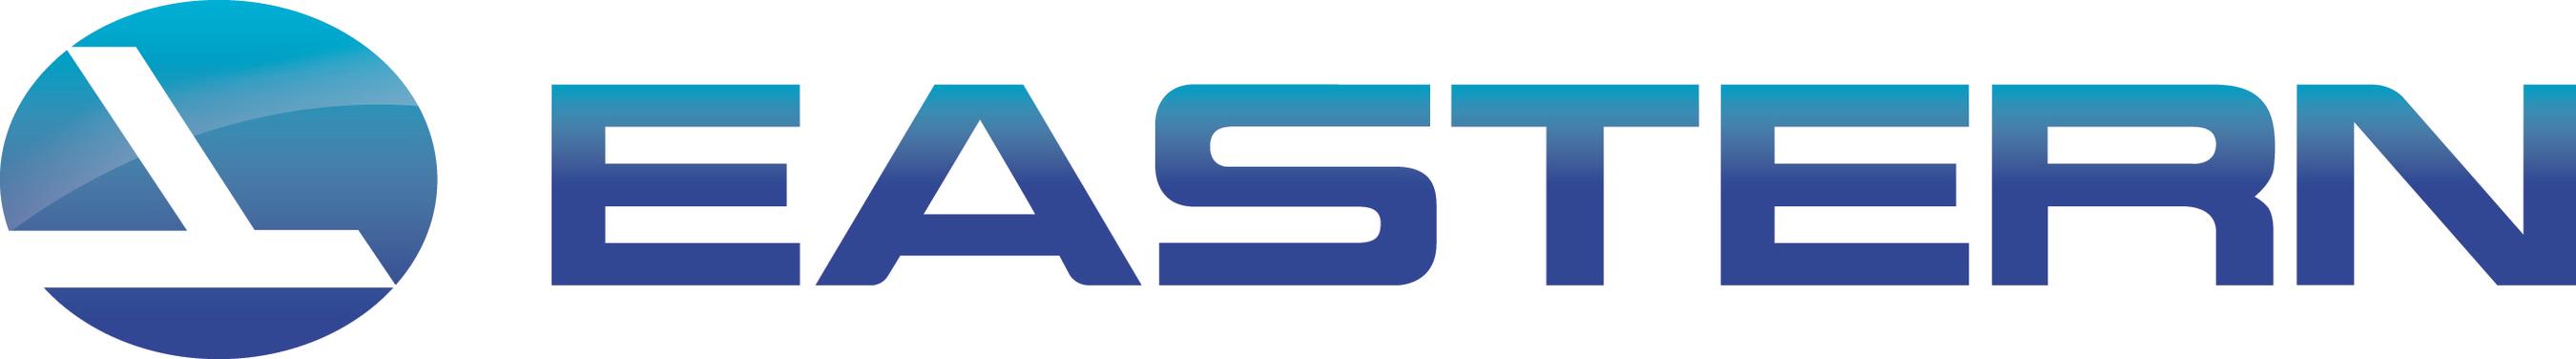 Resultado de imagen para Eastern Air Lines old logo